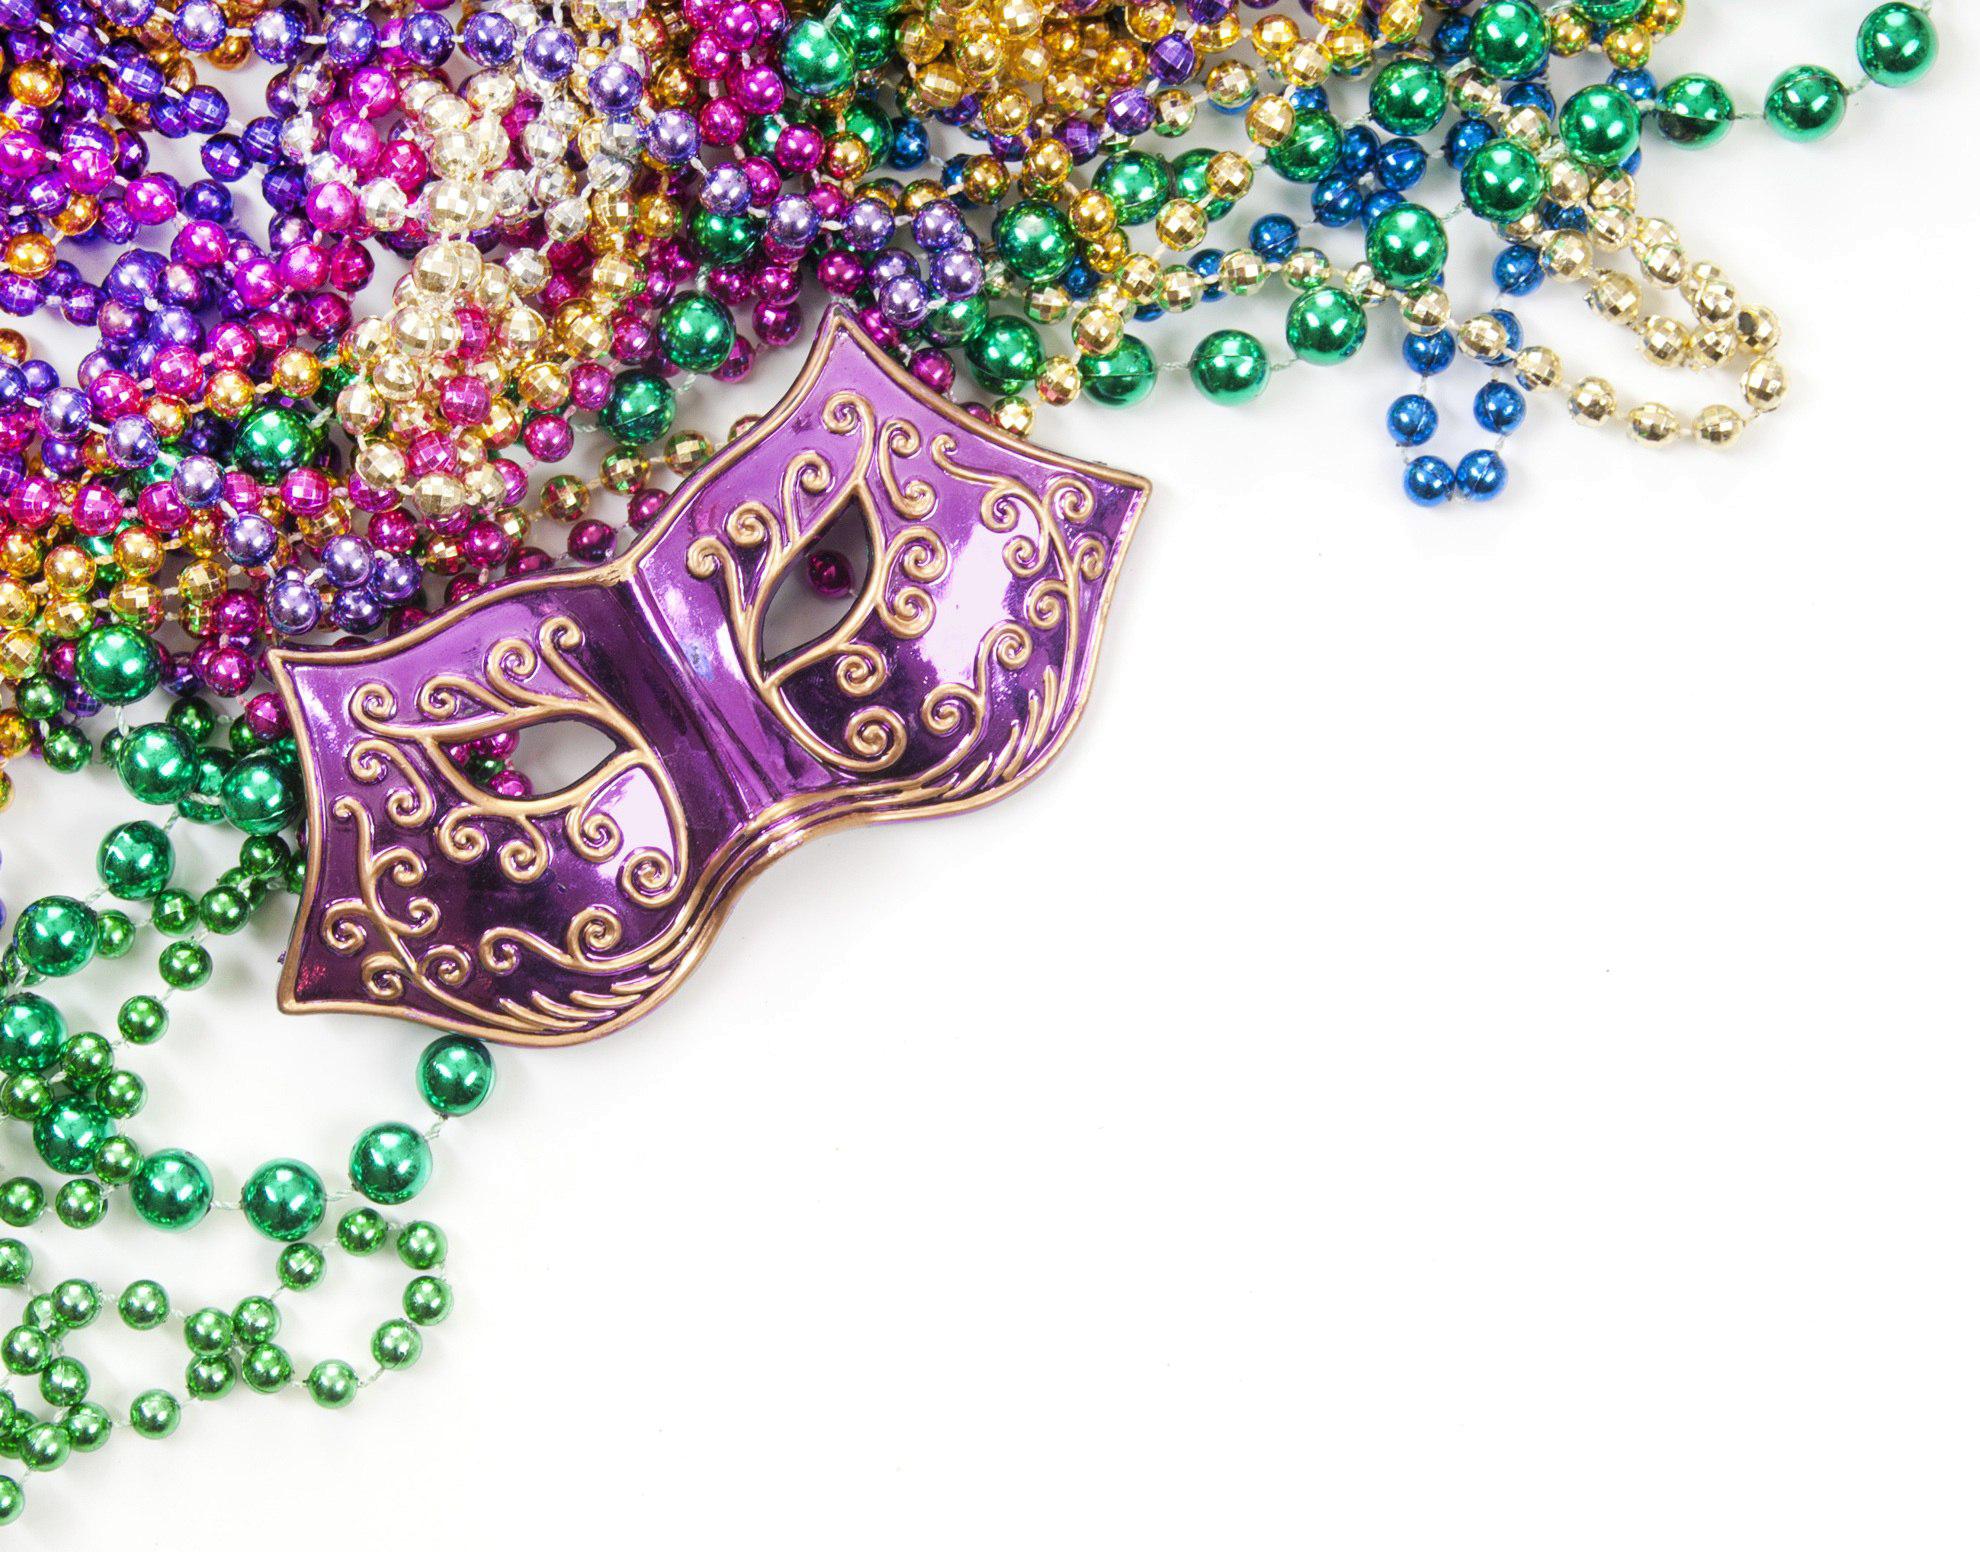 Mardi Gras Png File Mardi Gras Beads Png Transparent Cartoon